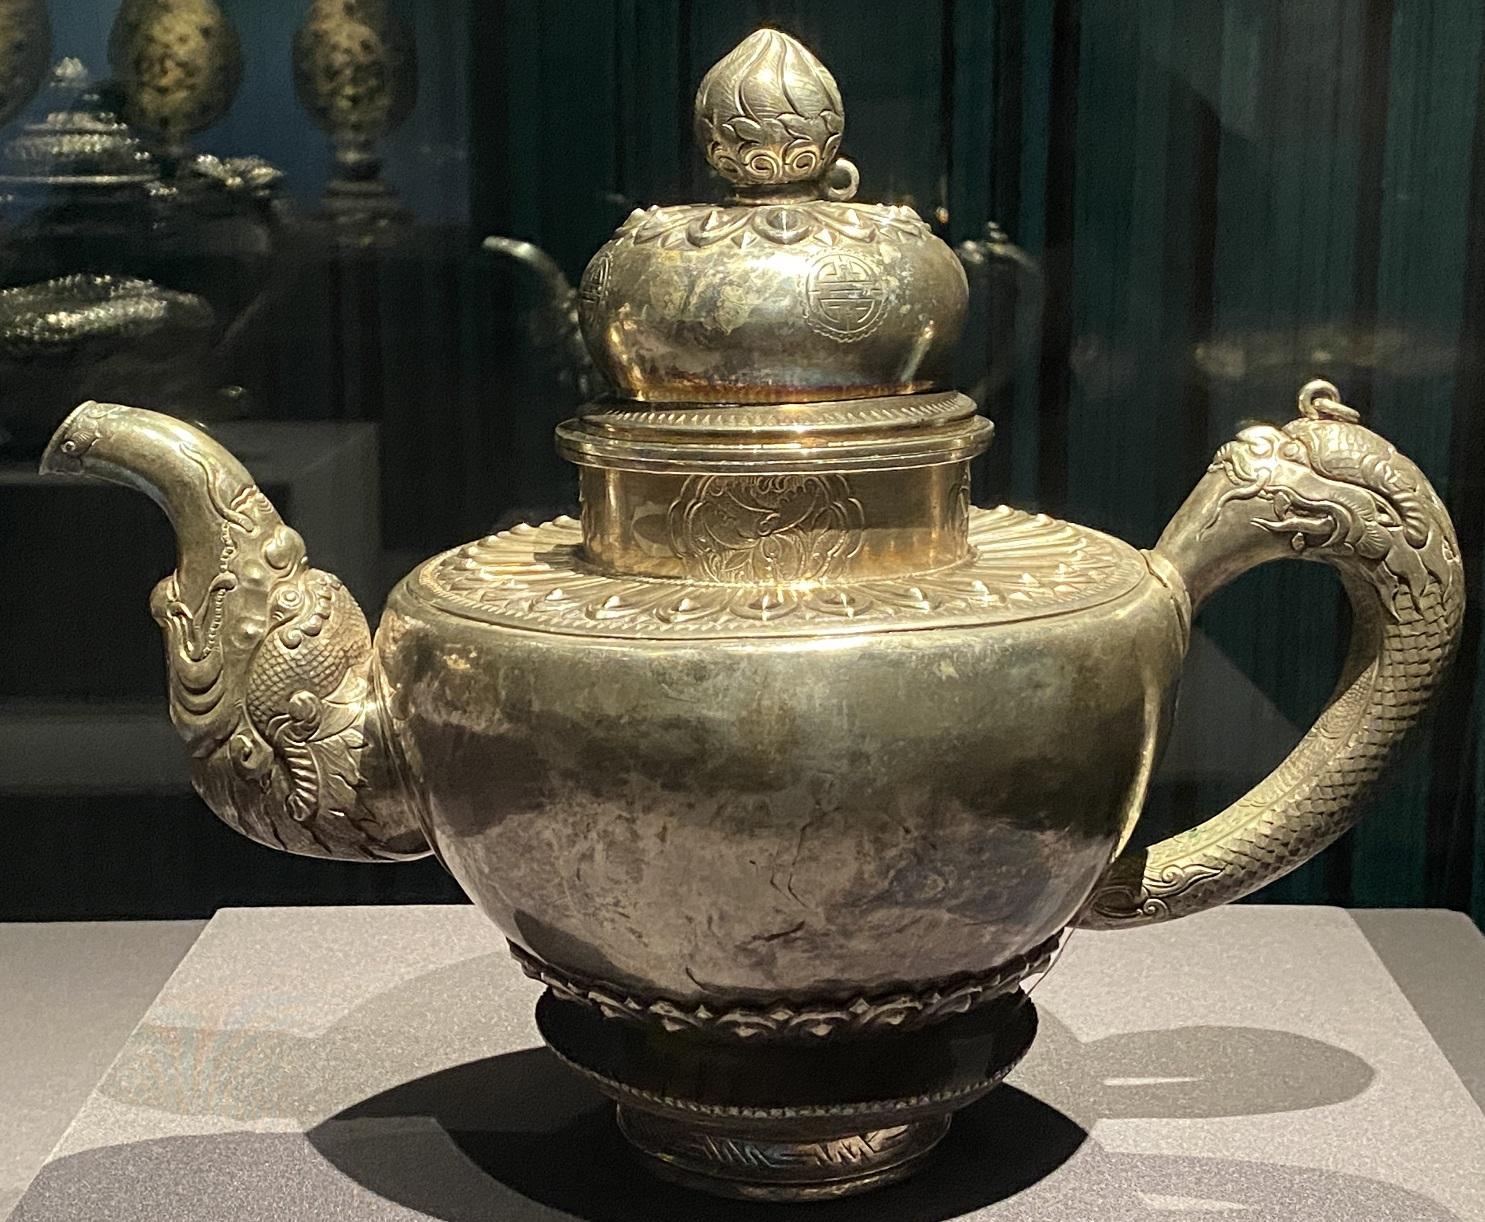 銀茶壺-特別展【七宝玲瓏-ヒマラヤからの芸術珍品】-金沙遺跡博物館-成都